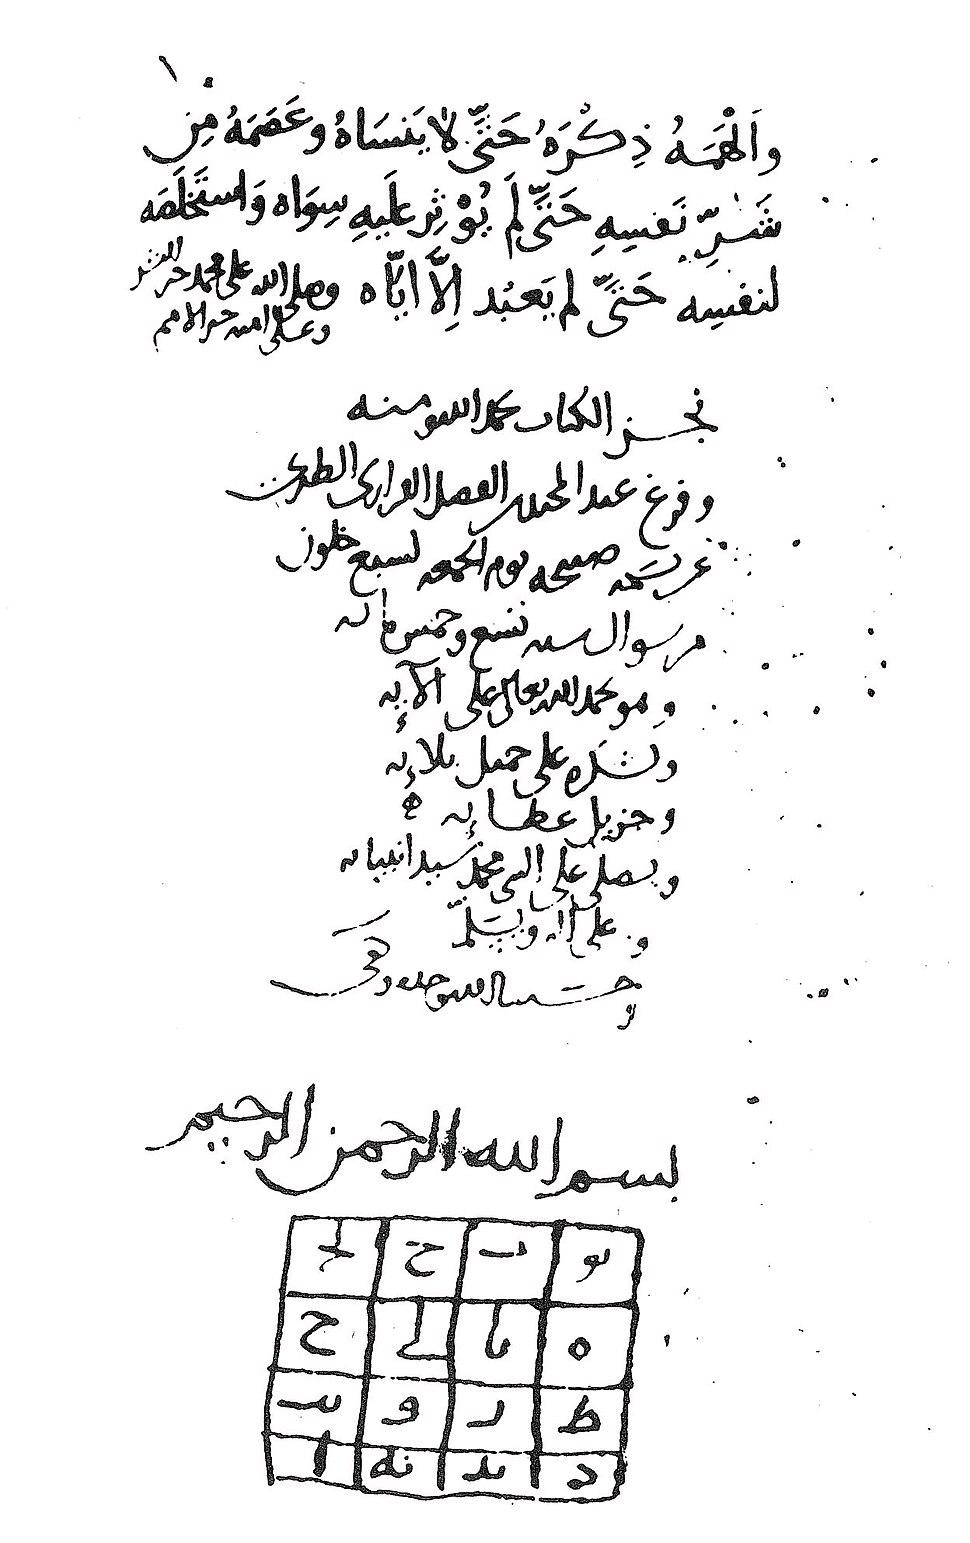 Munqidh min al-dalal (last page)